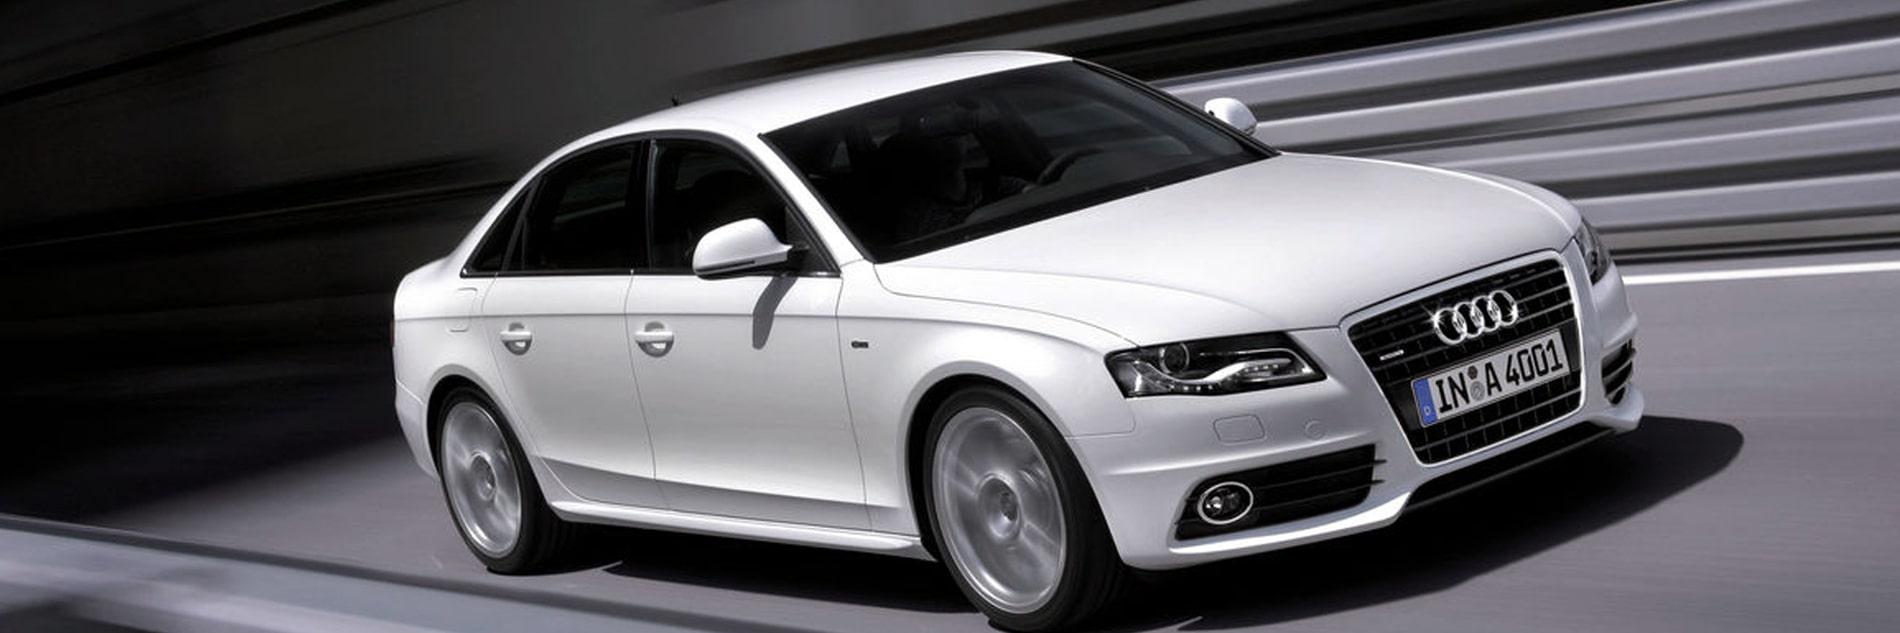 Audi-paketa-service-smart-packs-autokinita-10-etwn-plus-1900x633-min